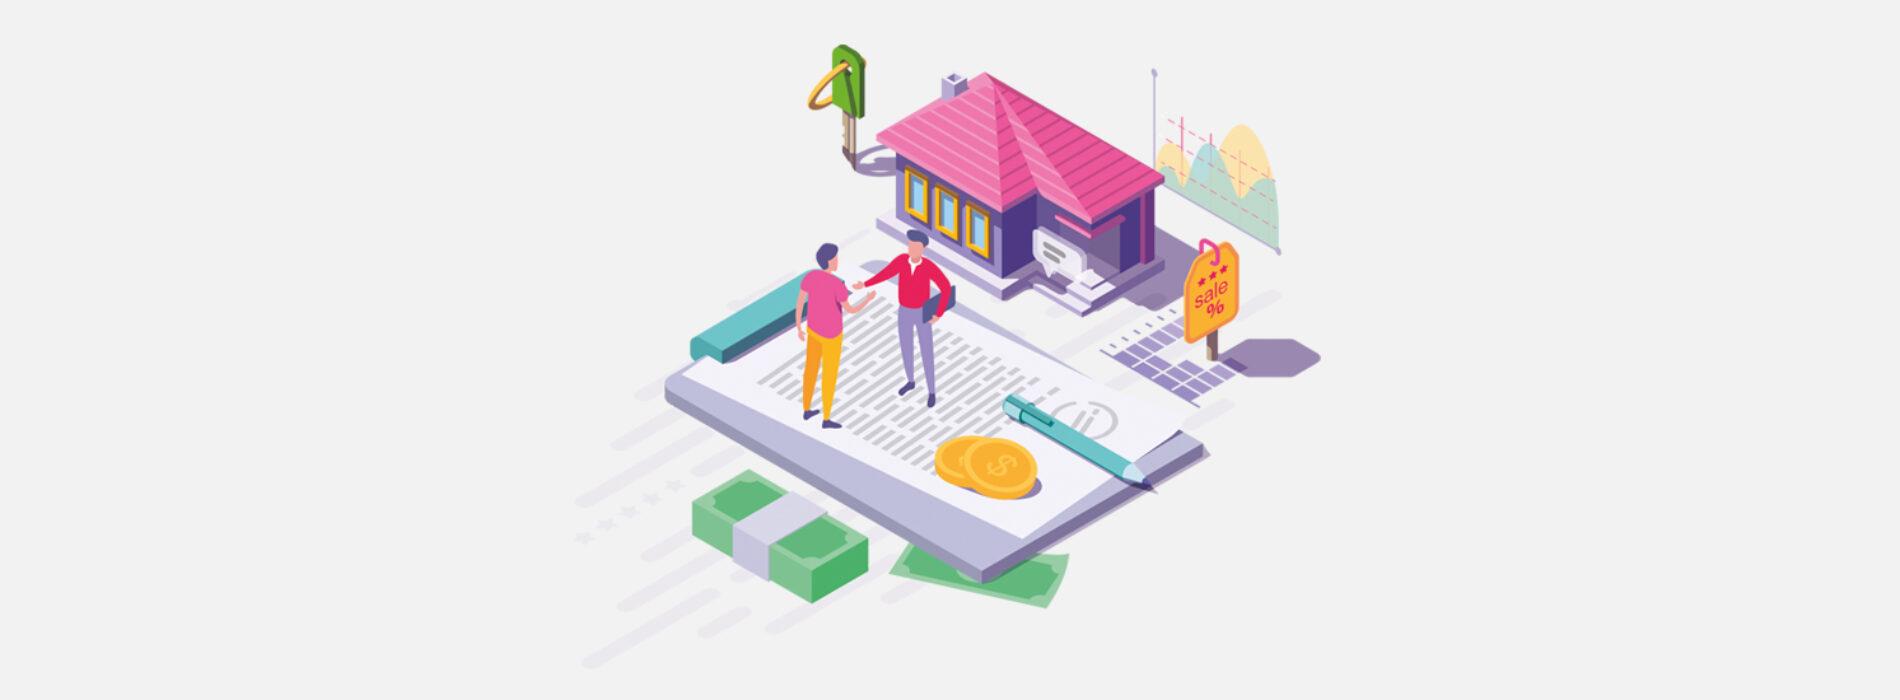 Pożyczki w domu klienta bez bik i krd – gdzie szukać?